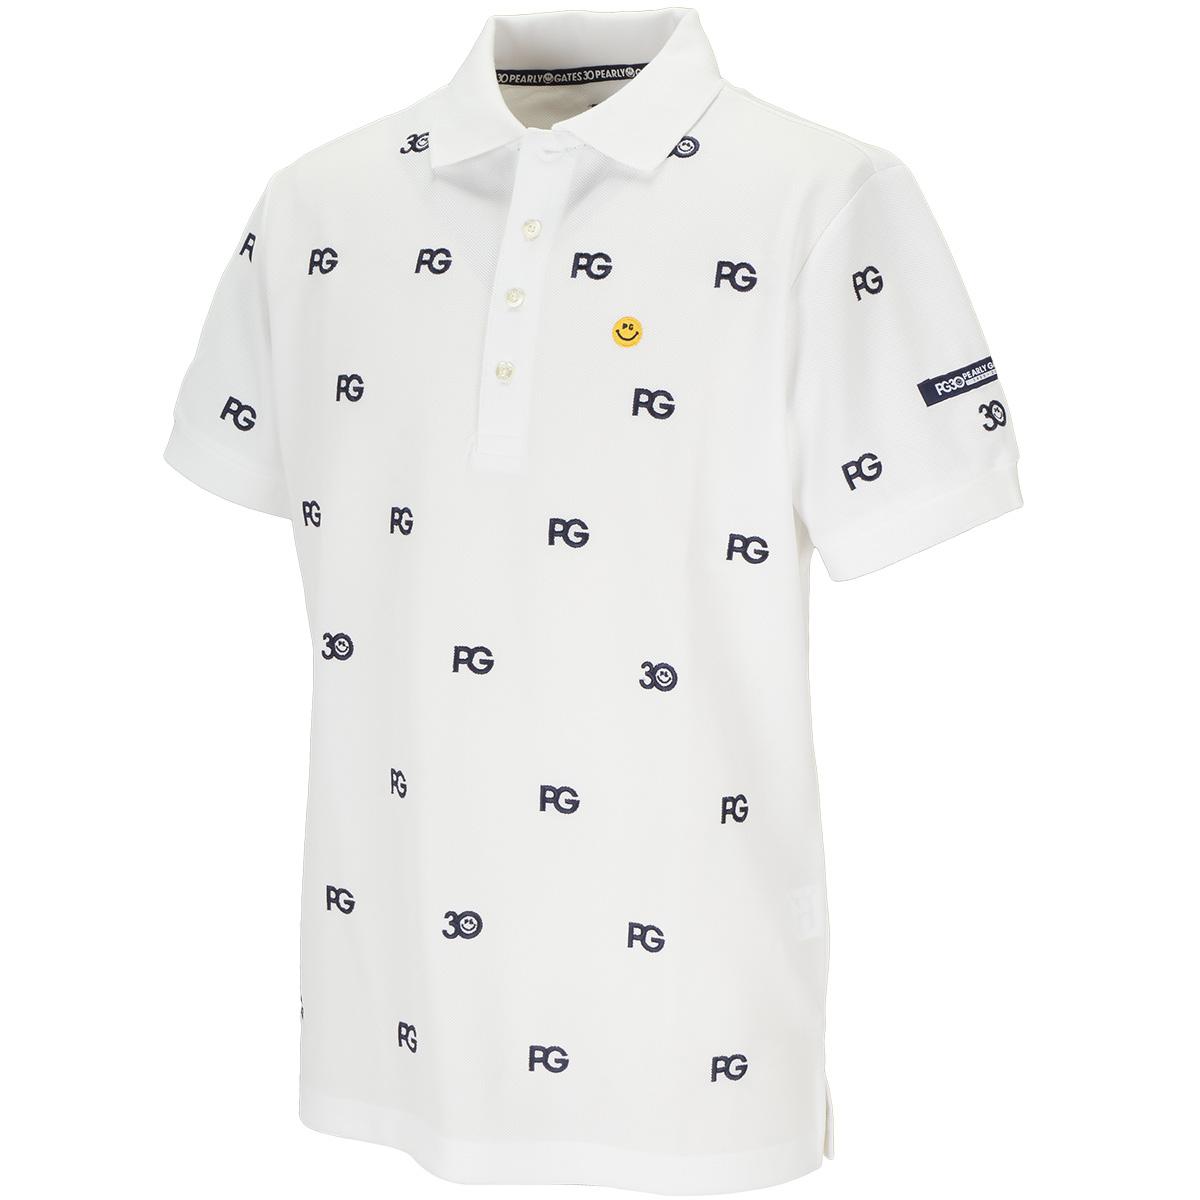 プライムフレックス エンブ 半袖ポロシャツ